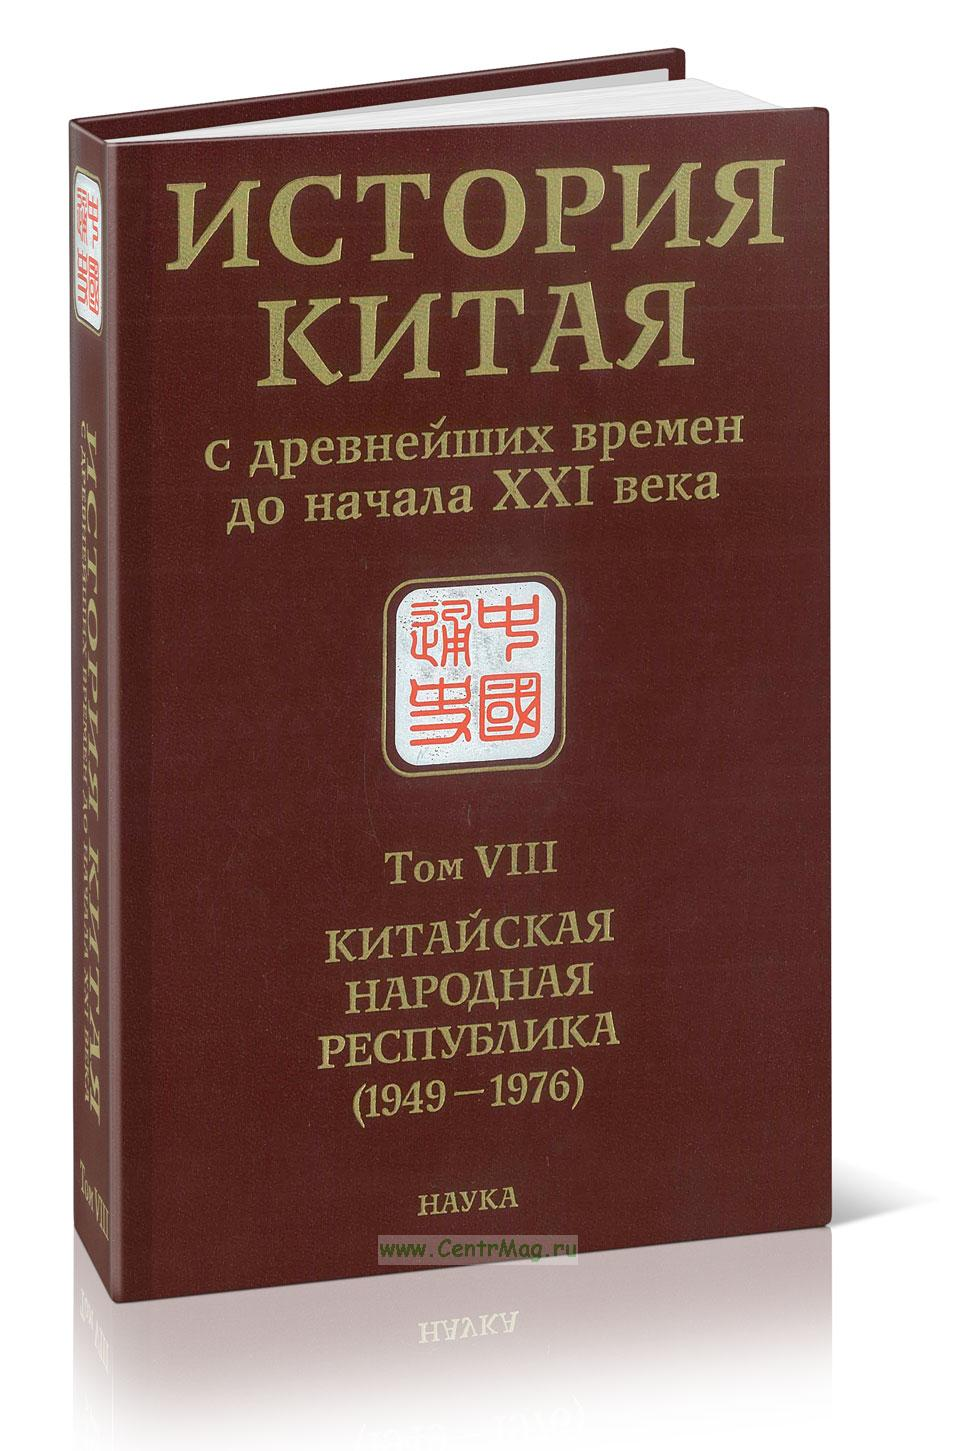 История Китая с древнейших времен до начала XXI века. Том VIII. Китайская Народная Республика (1949-1976)